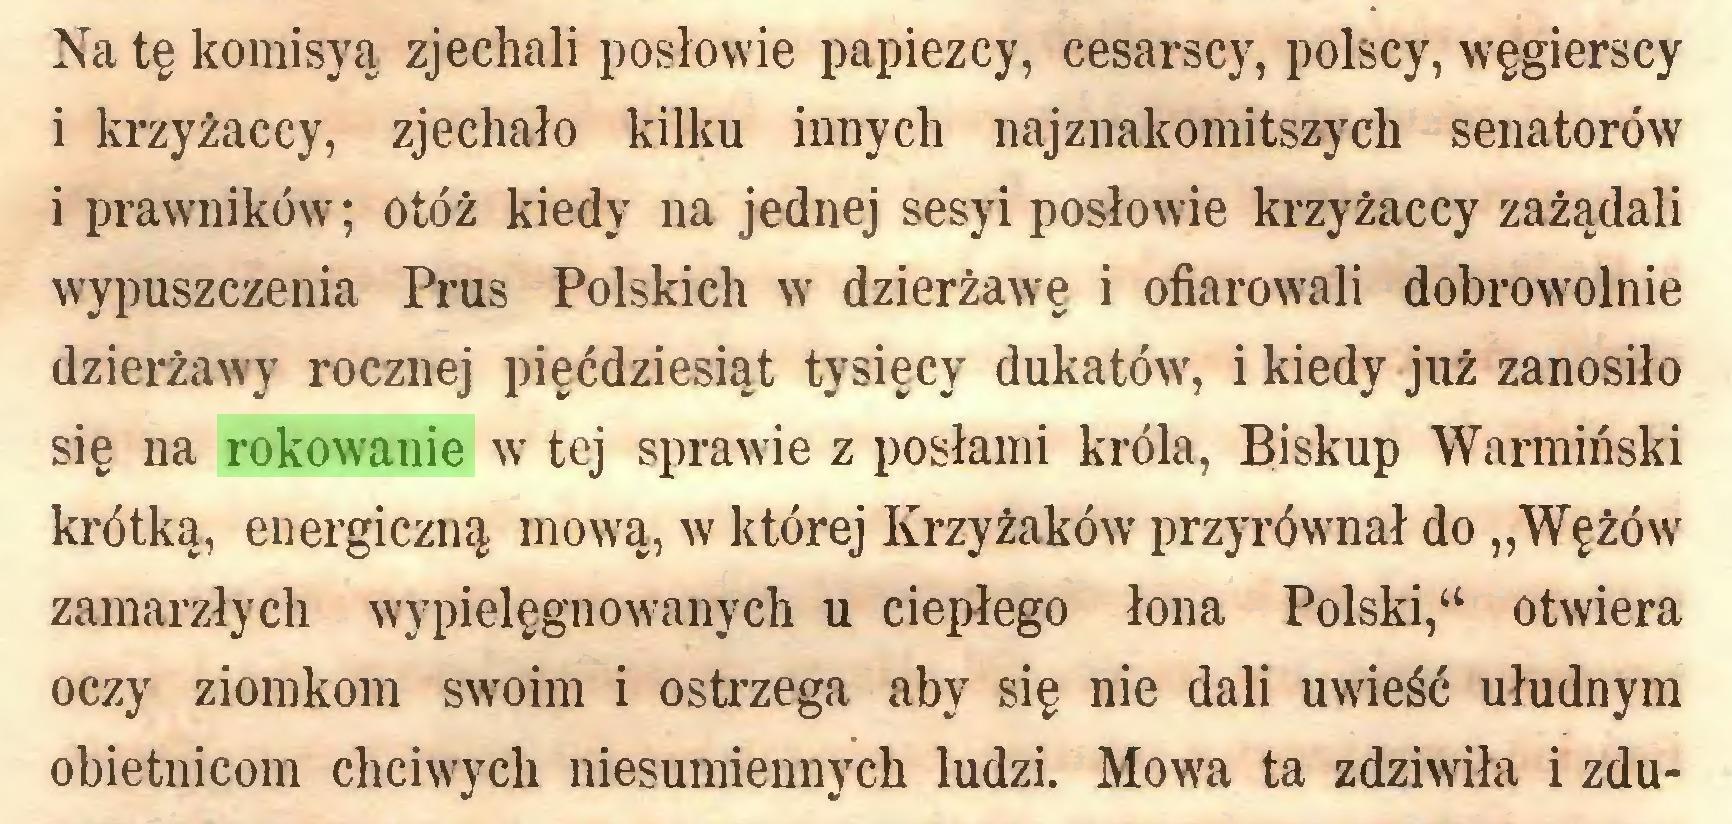 """(...) Na tę komisyą zjechali posłowie papiezcy, cesarscy, polscy, węgierscy i krzyżaccy, zjechało kilku innych najznakomitszych senatorów i prawników; otóż kiedy na jednej sesyi posłowie krzyżaccy zażądali wypuszczenia Prus Polskich w dzierżawę i ofiarowali dobrowolnie dzierżawy rocznej pięćdziesiąt tysięcy dukatów, i kiedy już zanosiło się na rokowanie w tej sprawie z posłami króla, Biskup Warmiński krótką, energiczną mową, w której Krzyżaków przyrównał do """"Wężów zamarzłych wypielęgnowanych u ciepłego łona Polski,"""" otwiera oczy ziomkom swoim i ostrzega aby się nie dali uwieść ułudnym obietnicom chciwych niesumiennych ludzi. Mowa ta zdziwiła i zdu..."""